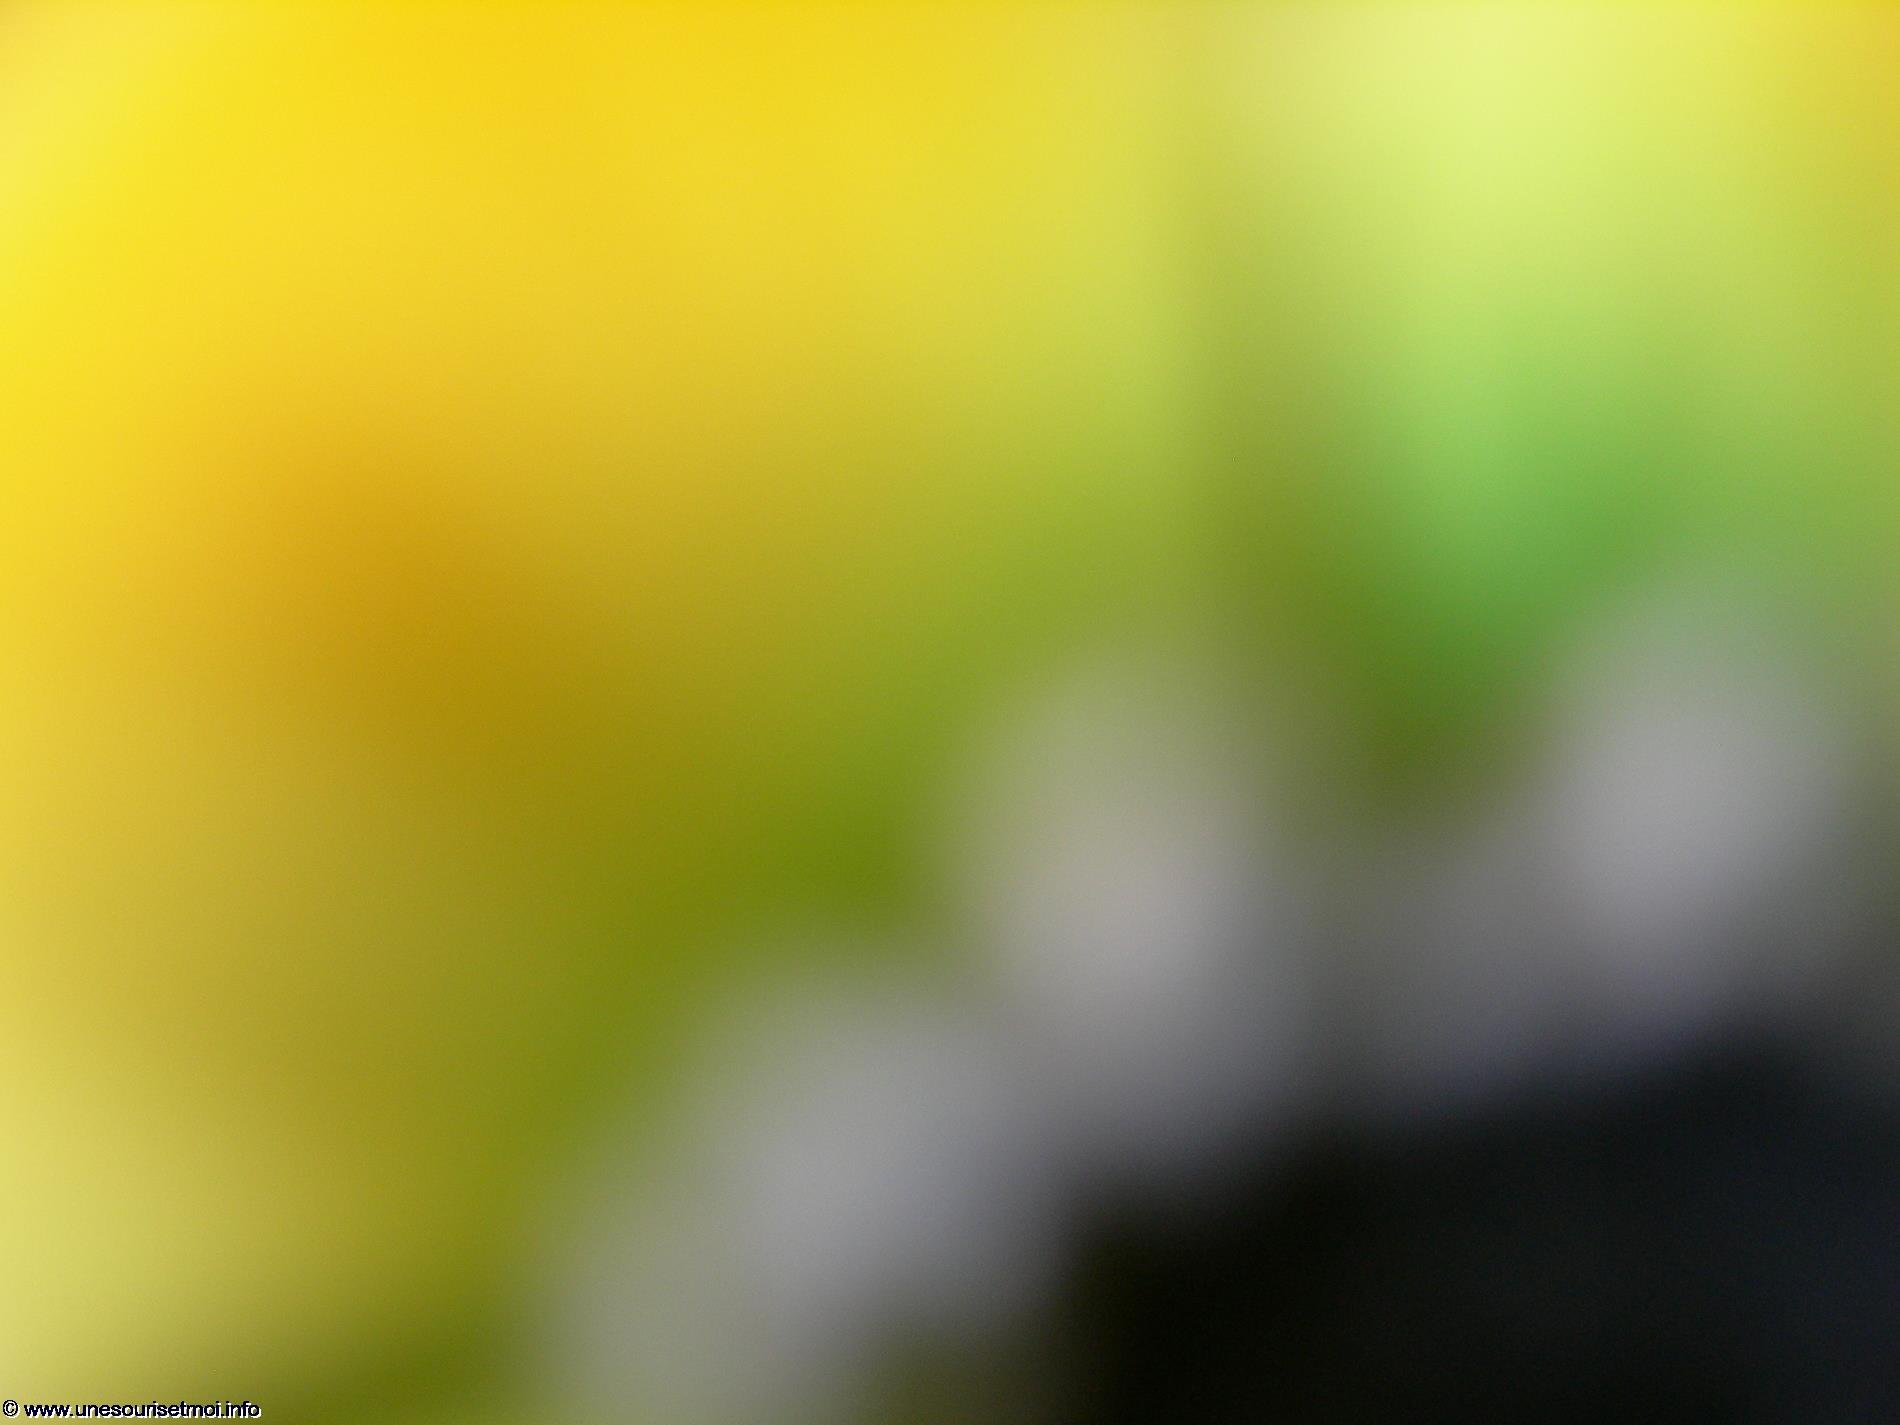 photographies_de_fonds-colores_et_textures-libres_gratuites_10